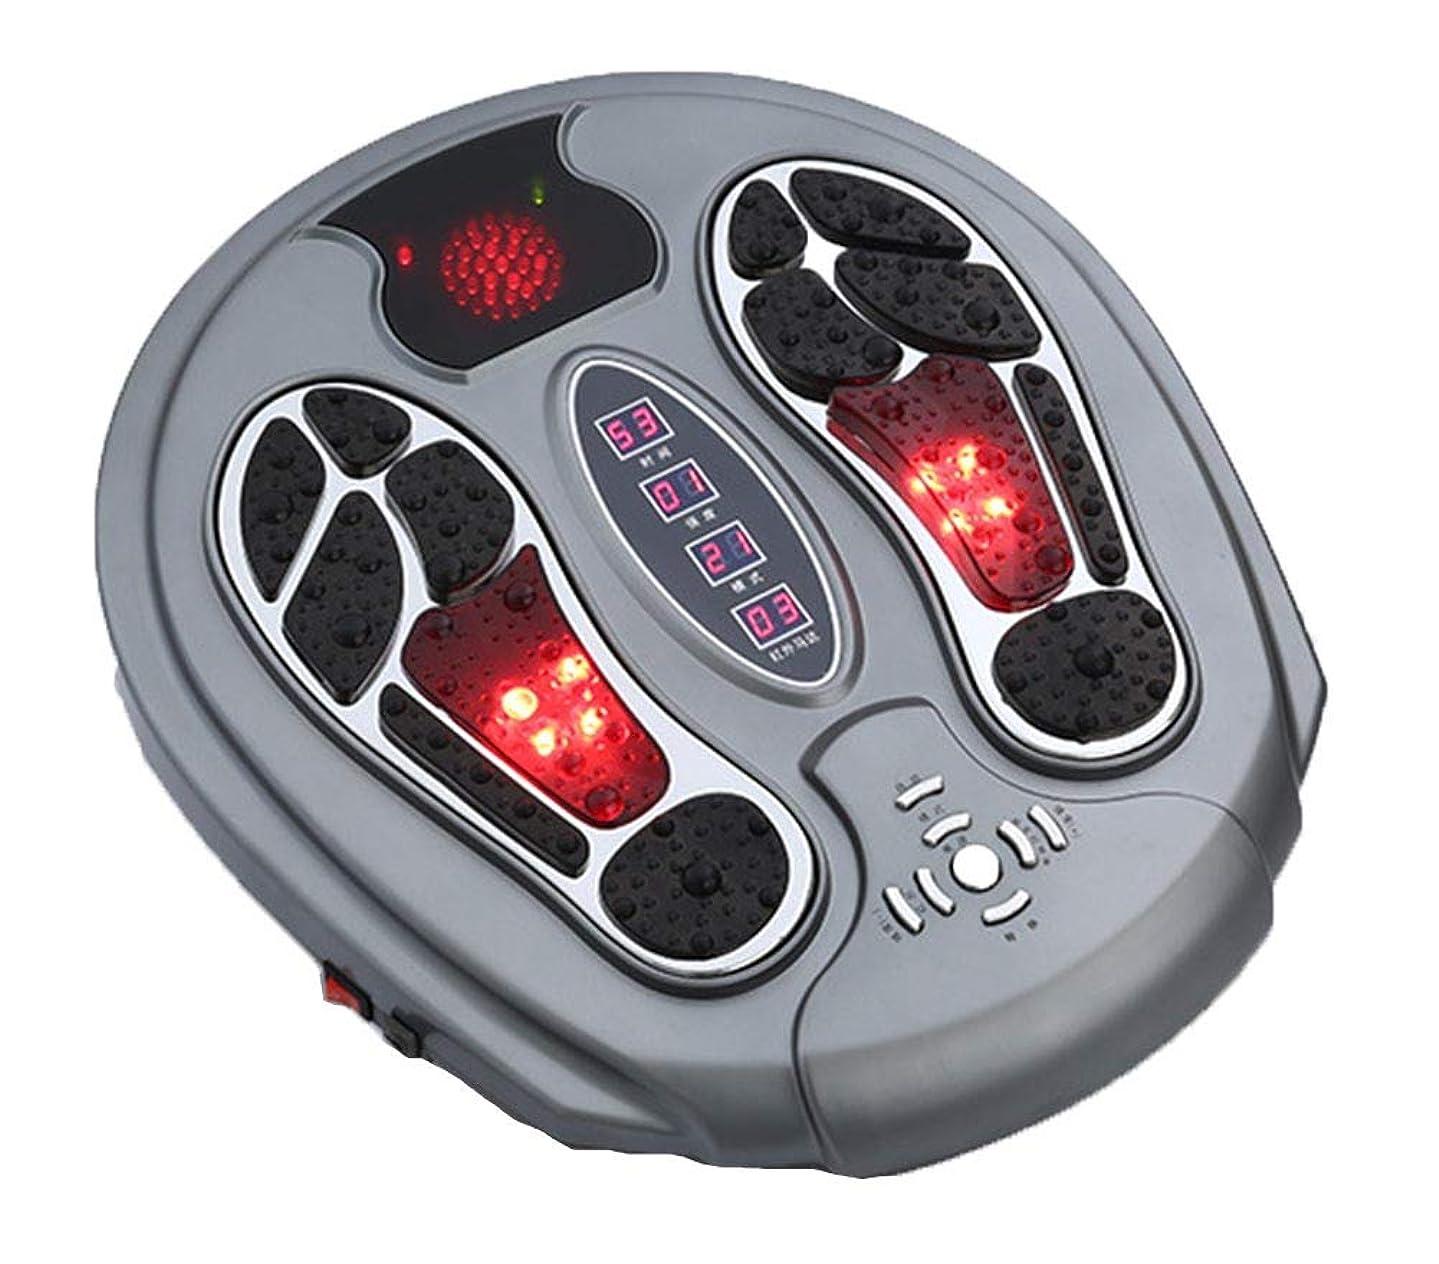 郊外報酬の診療所調整可能Foot Massager Stimulator - Booster Circulation、身体を刺激する99の強度設定、赤外線機能付き リラックス